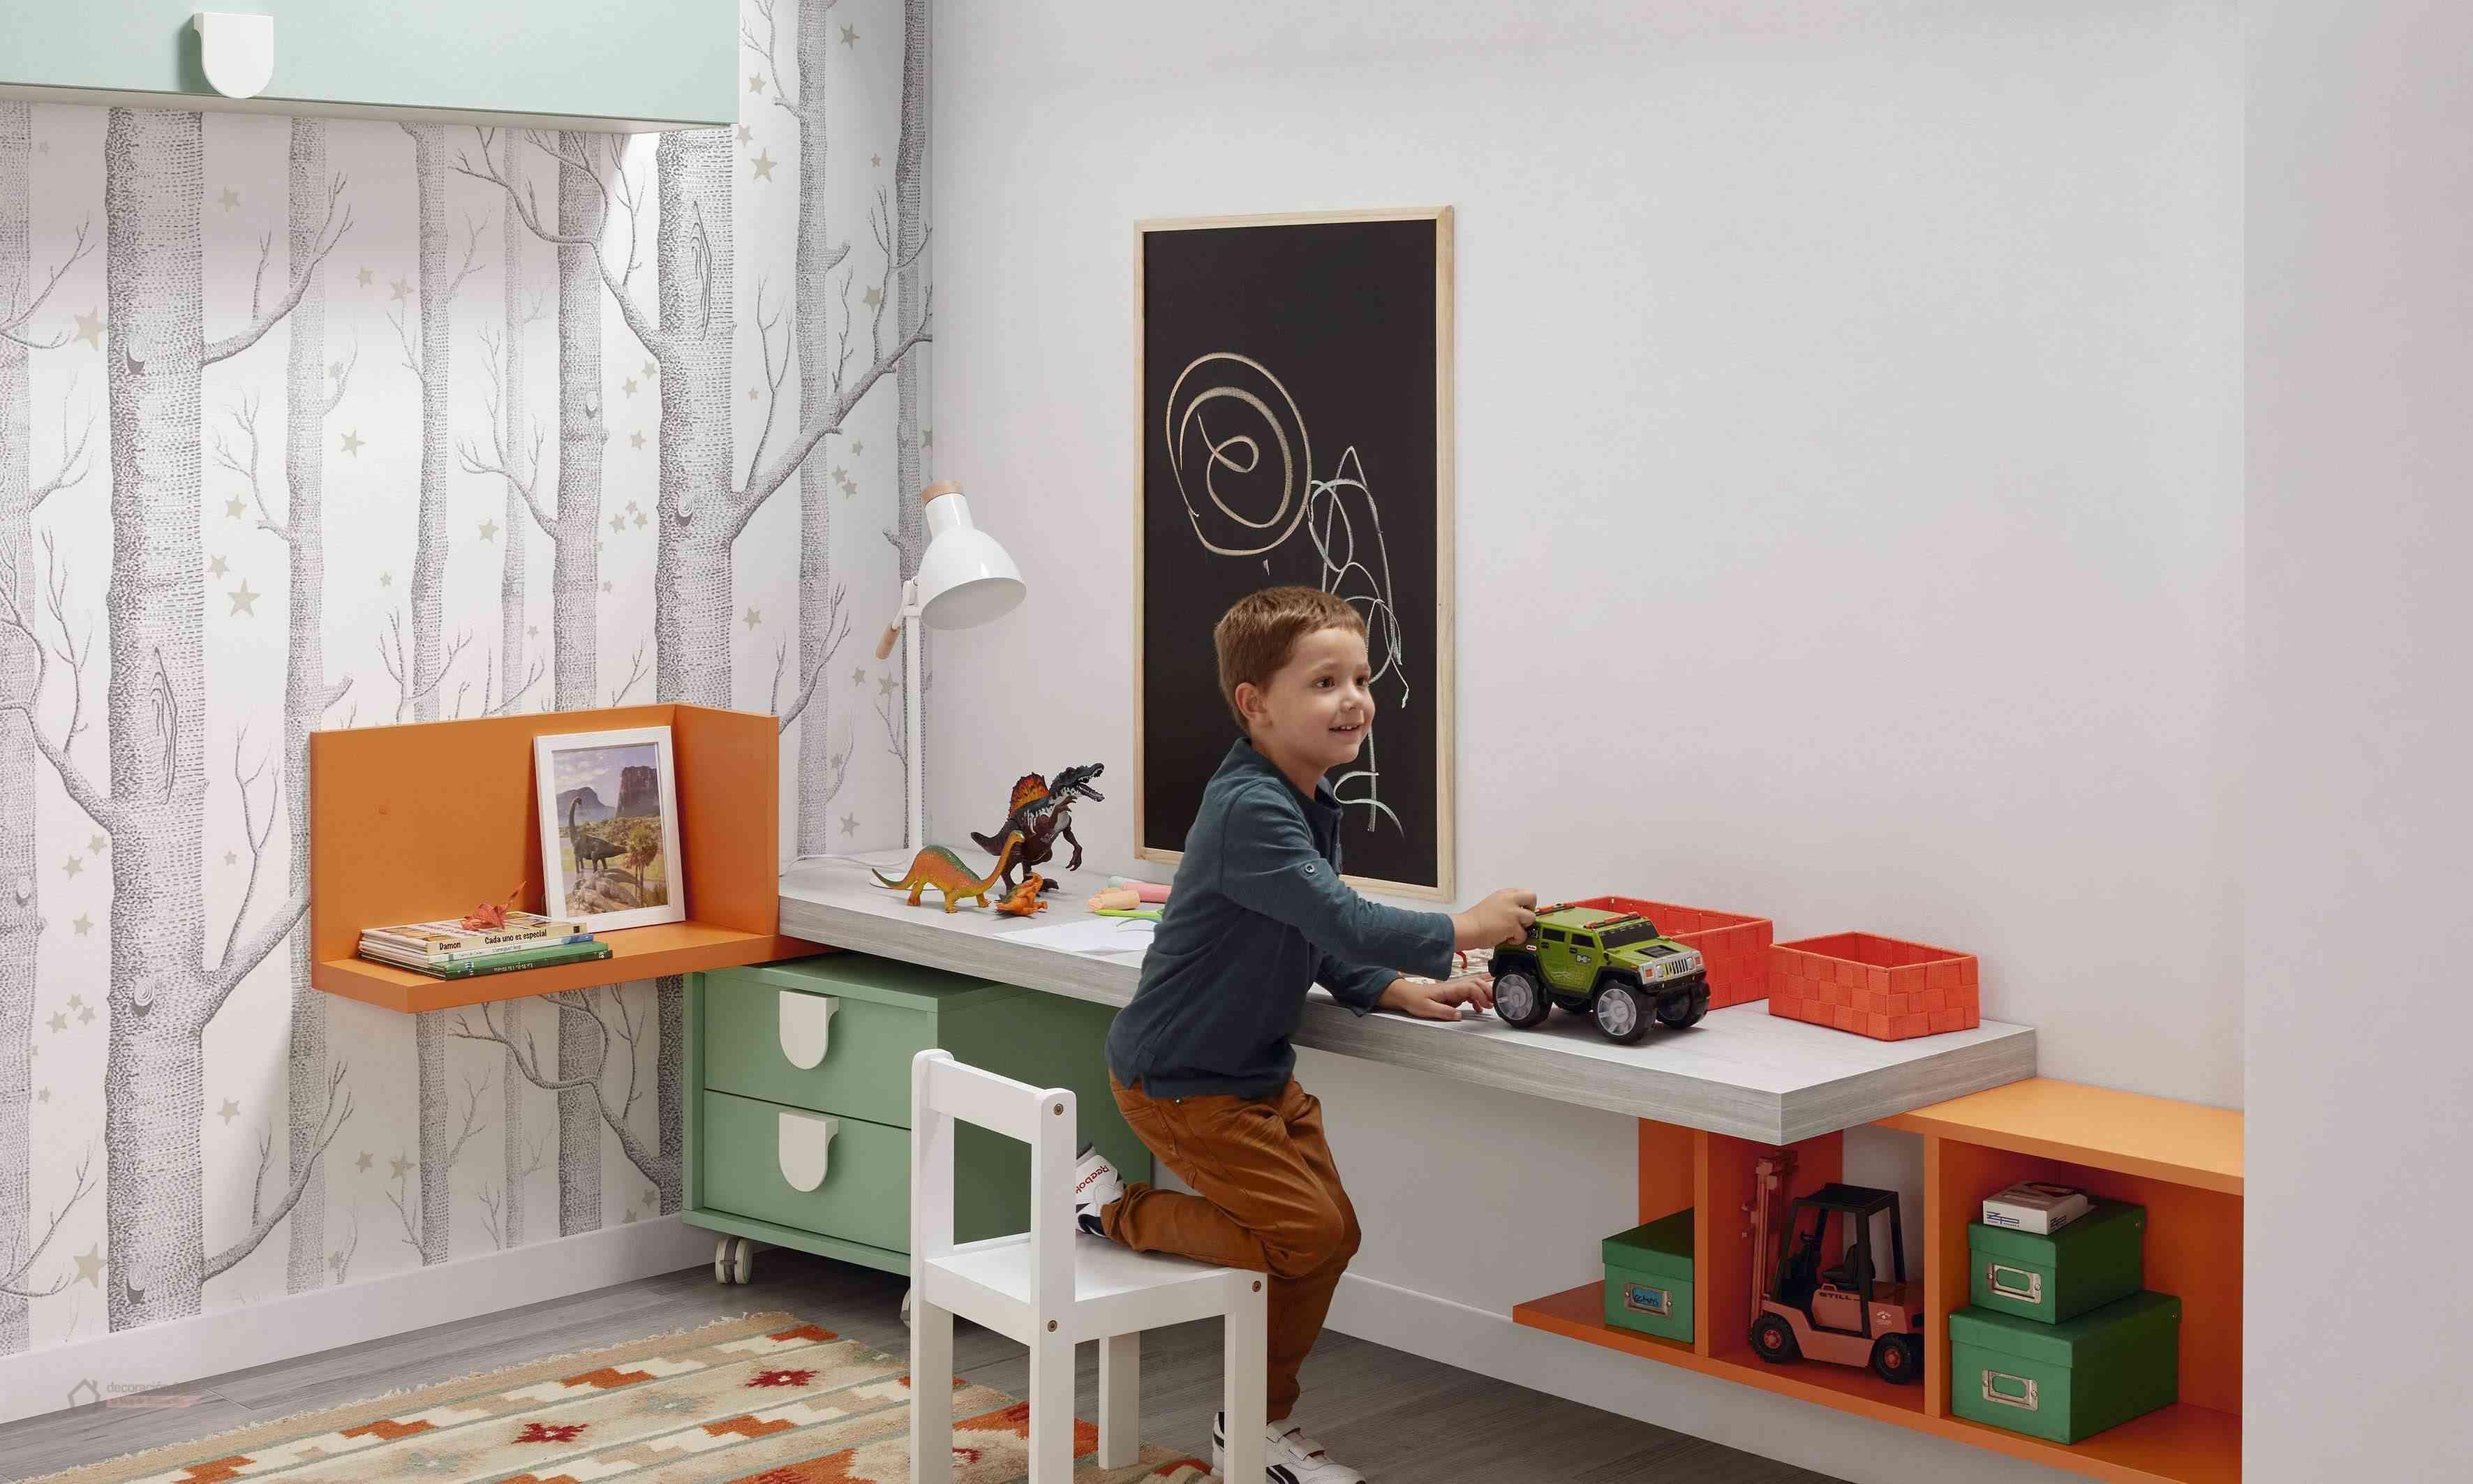 Dormitorios muy tecnológicos que siguen el ritmo de niños y jóvenes 20